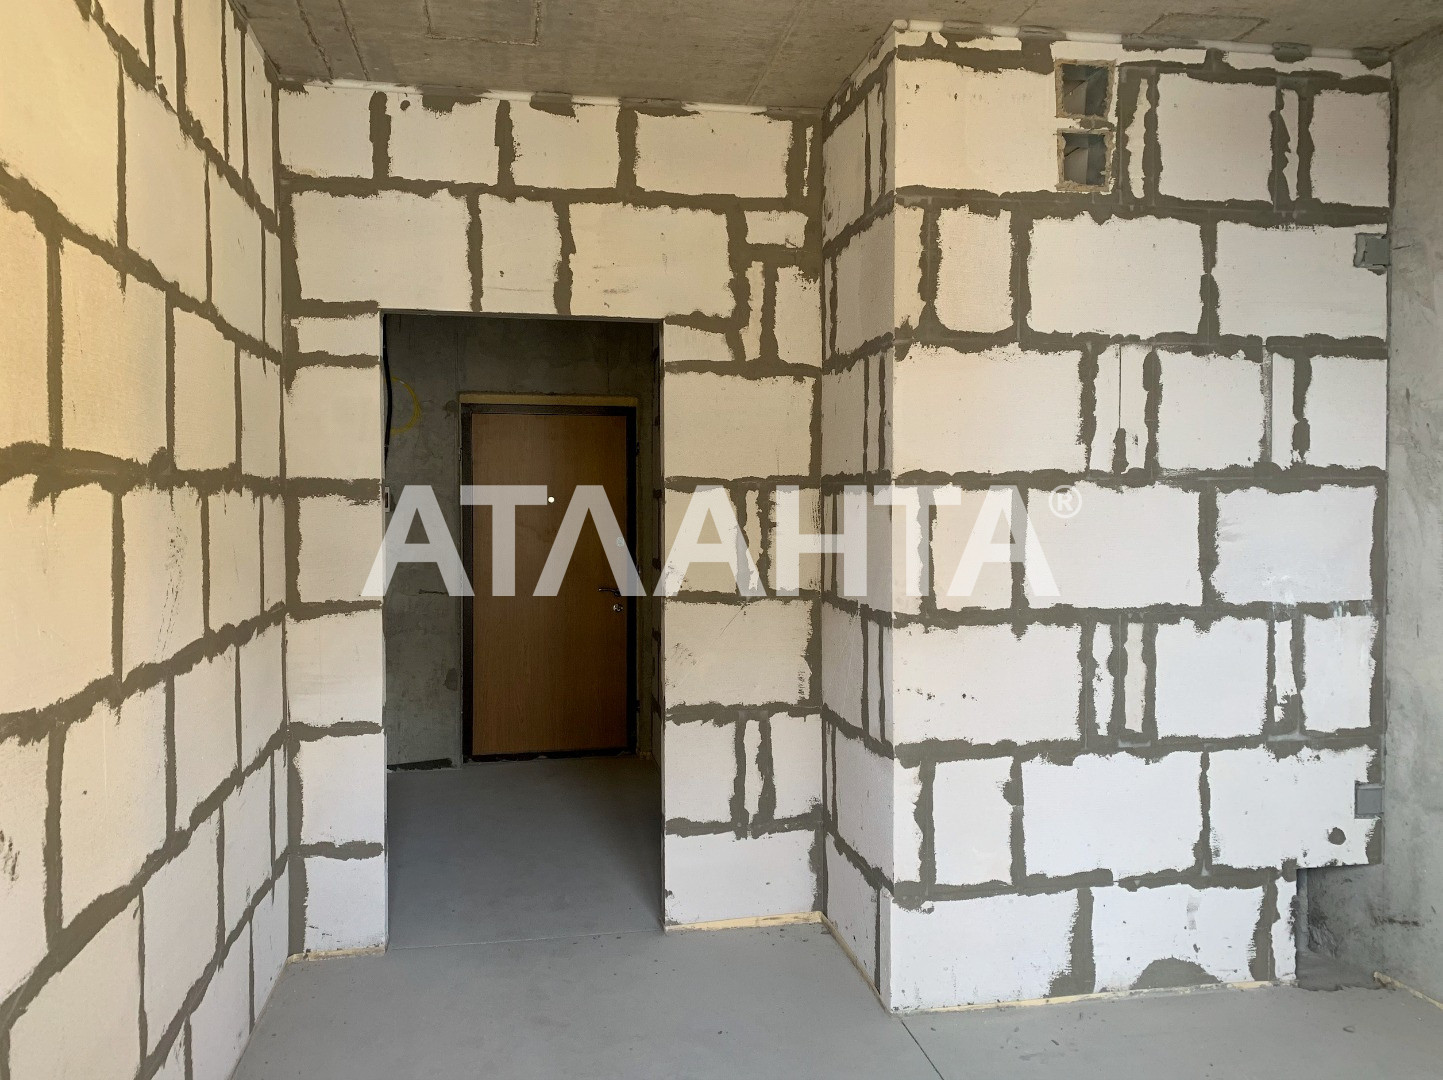 Продается 2-комнатная Квартира на ул. Михайловская (Индустриальная) — 46 000 у.е. (фото №11)